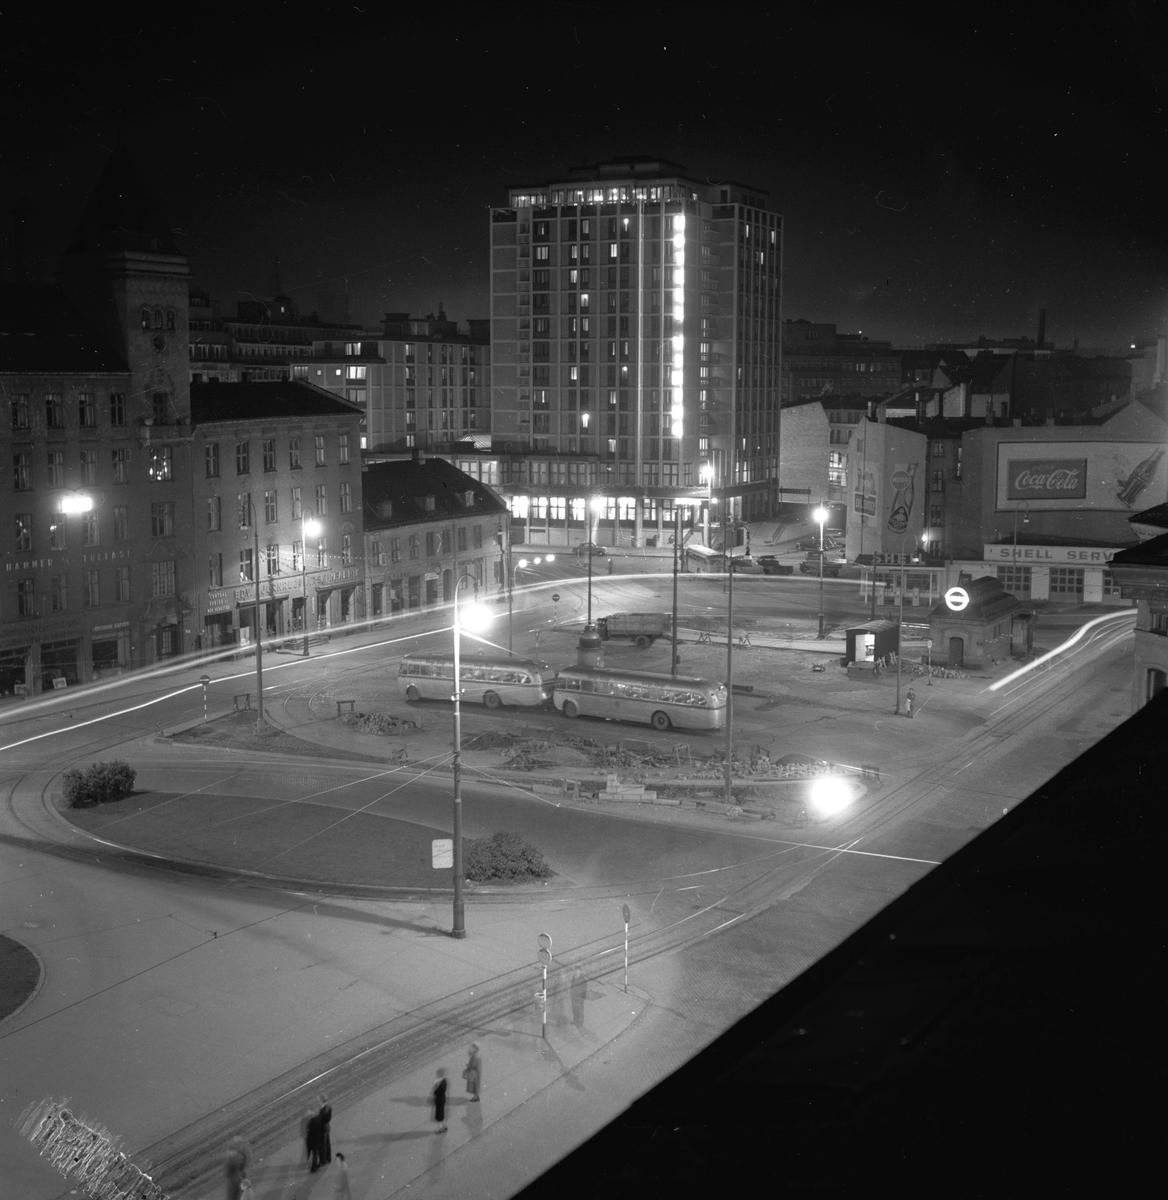 Jernbanetorget, Oslo, 1953. Hotell Viking. Gatebilde og bygninger.